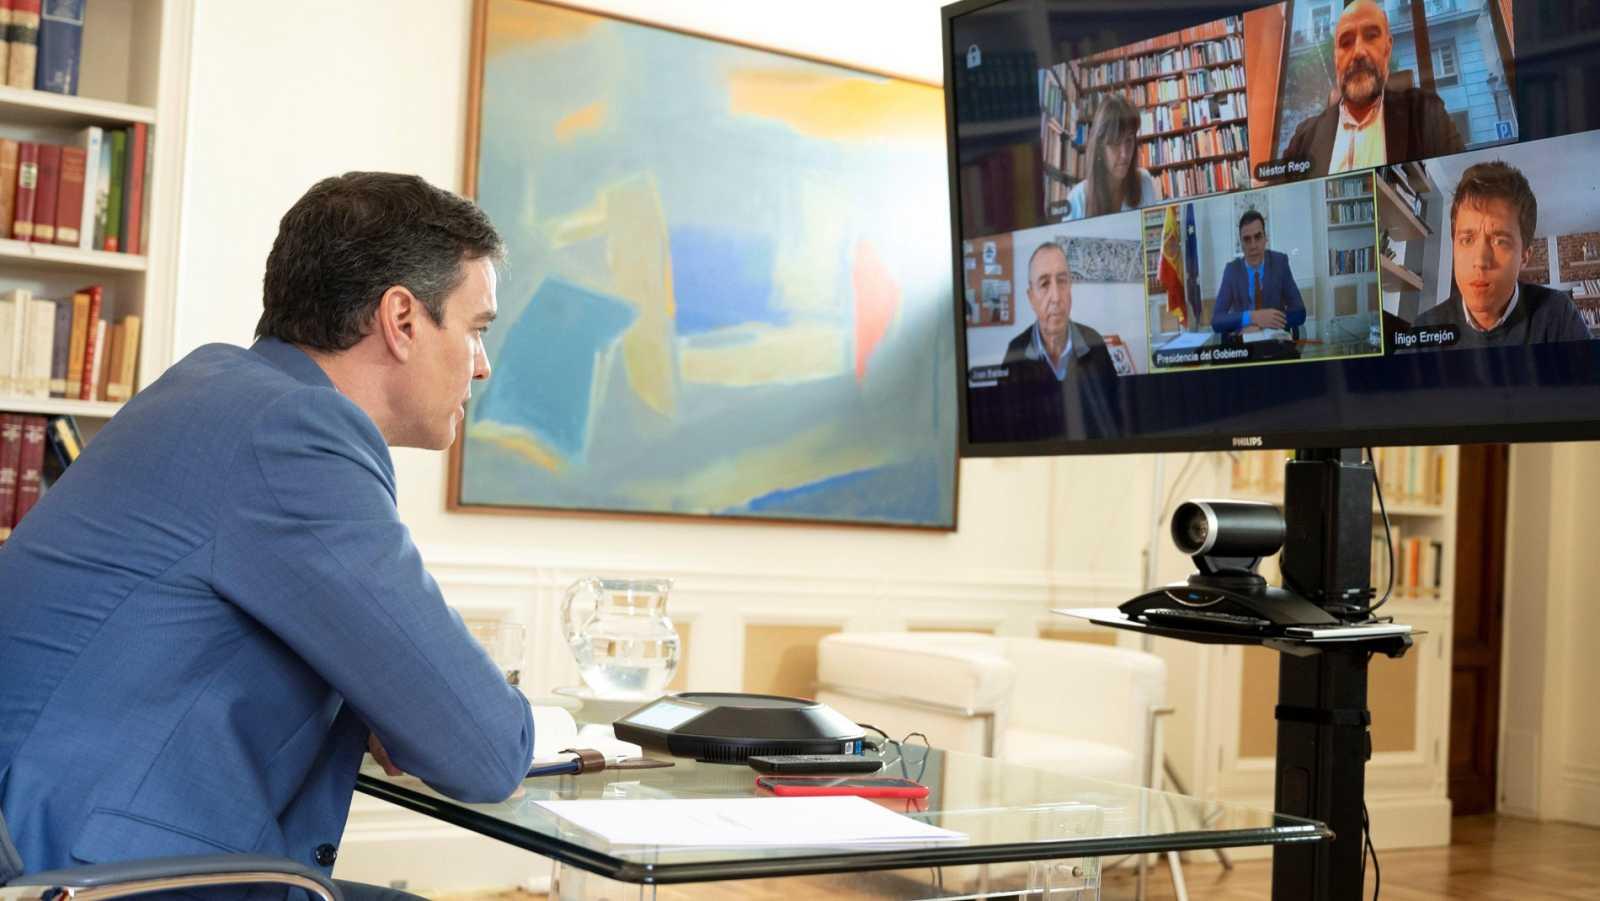 La reunión de Sánchez y Casado para una Mesa de reconstrucción sigue sin fecha, pese a la presión del Gobierno